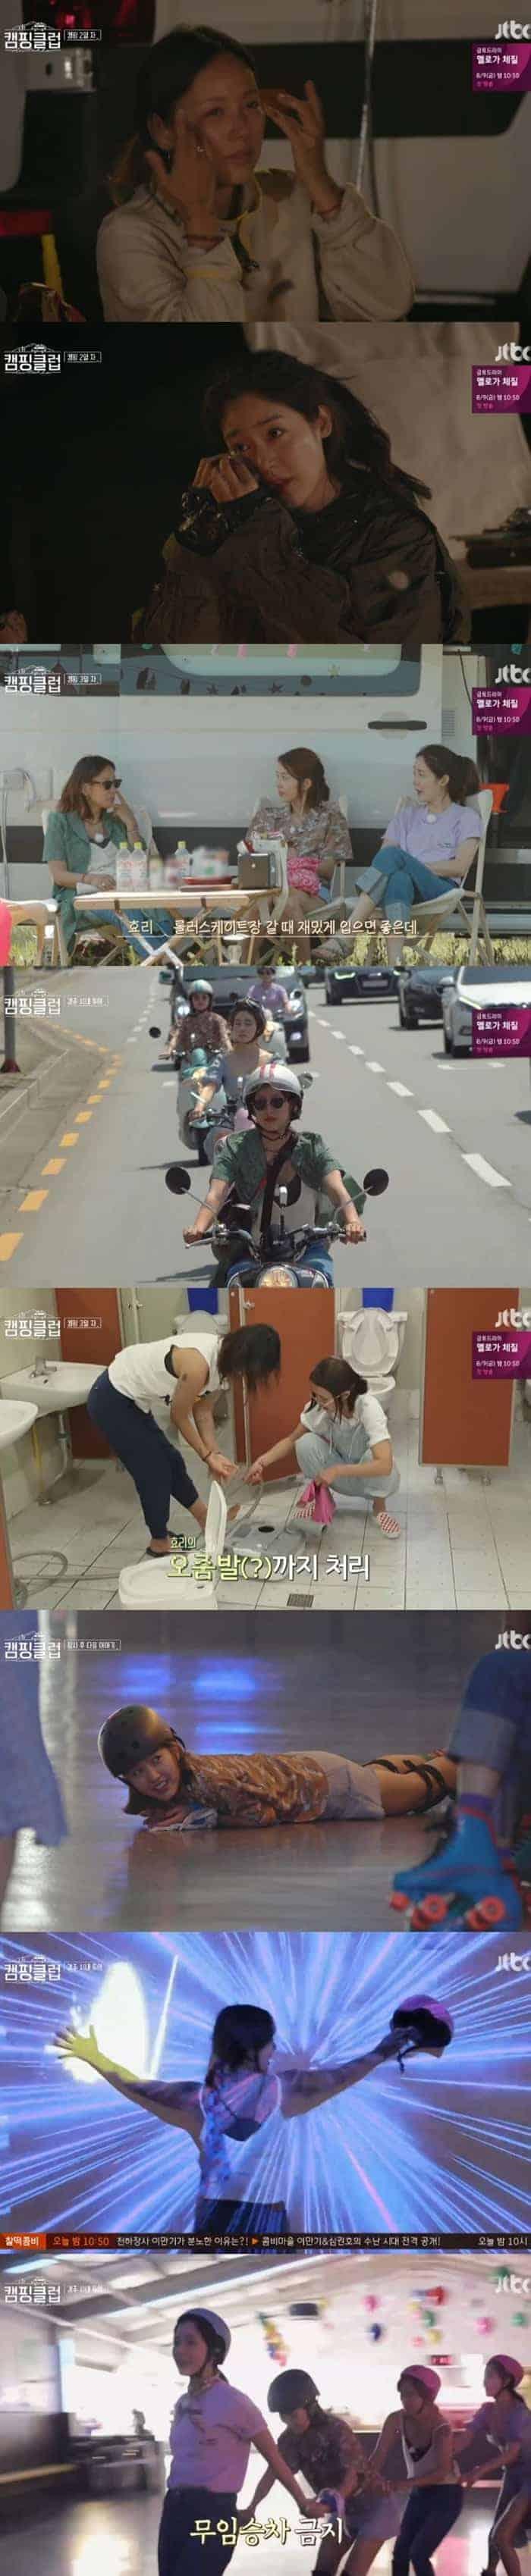 핑클의 '캠핑클럽' JTBC 캡처 © 갓잇코리아